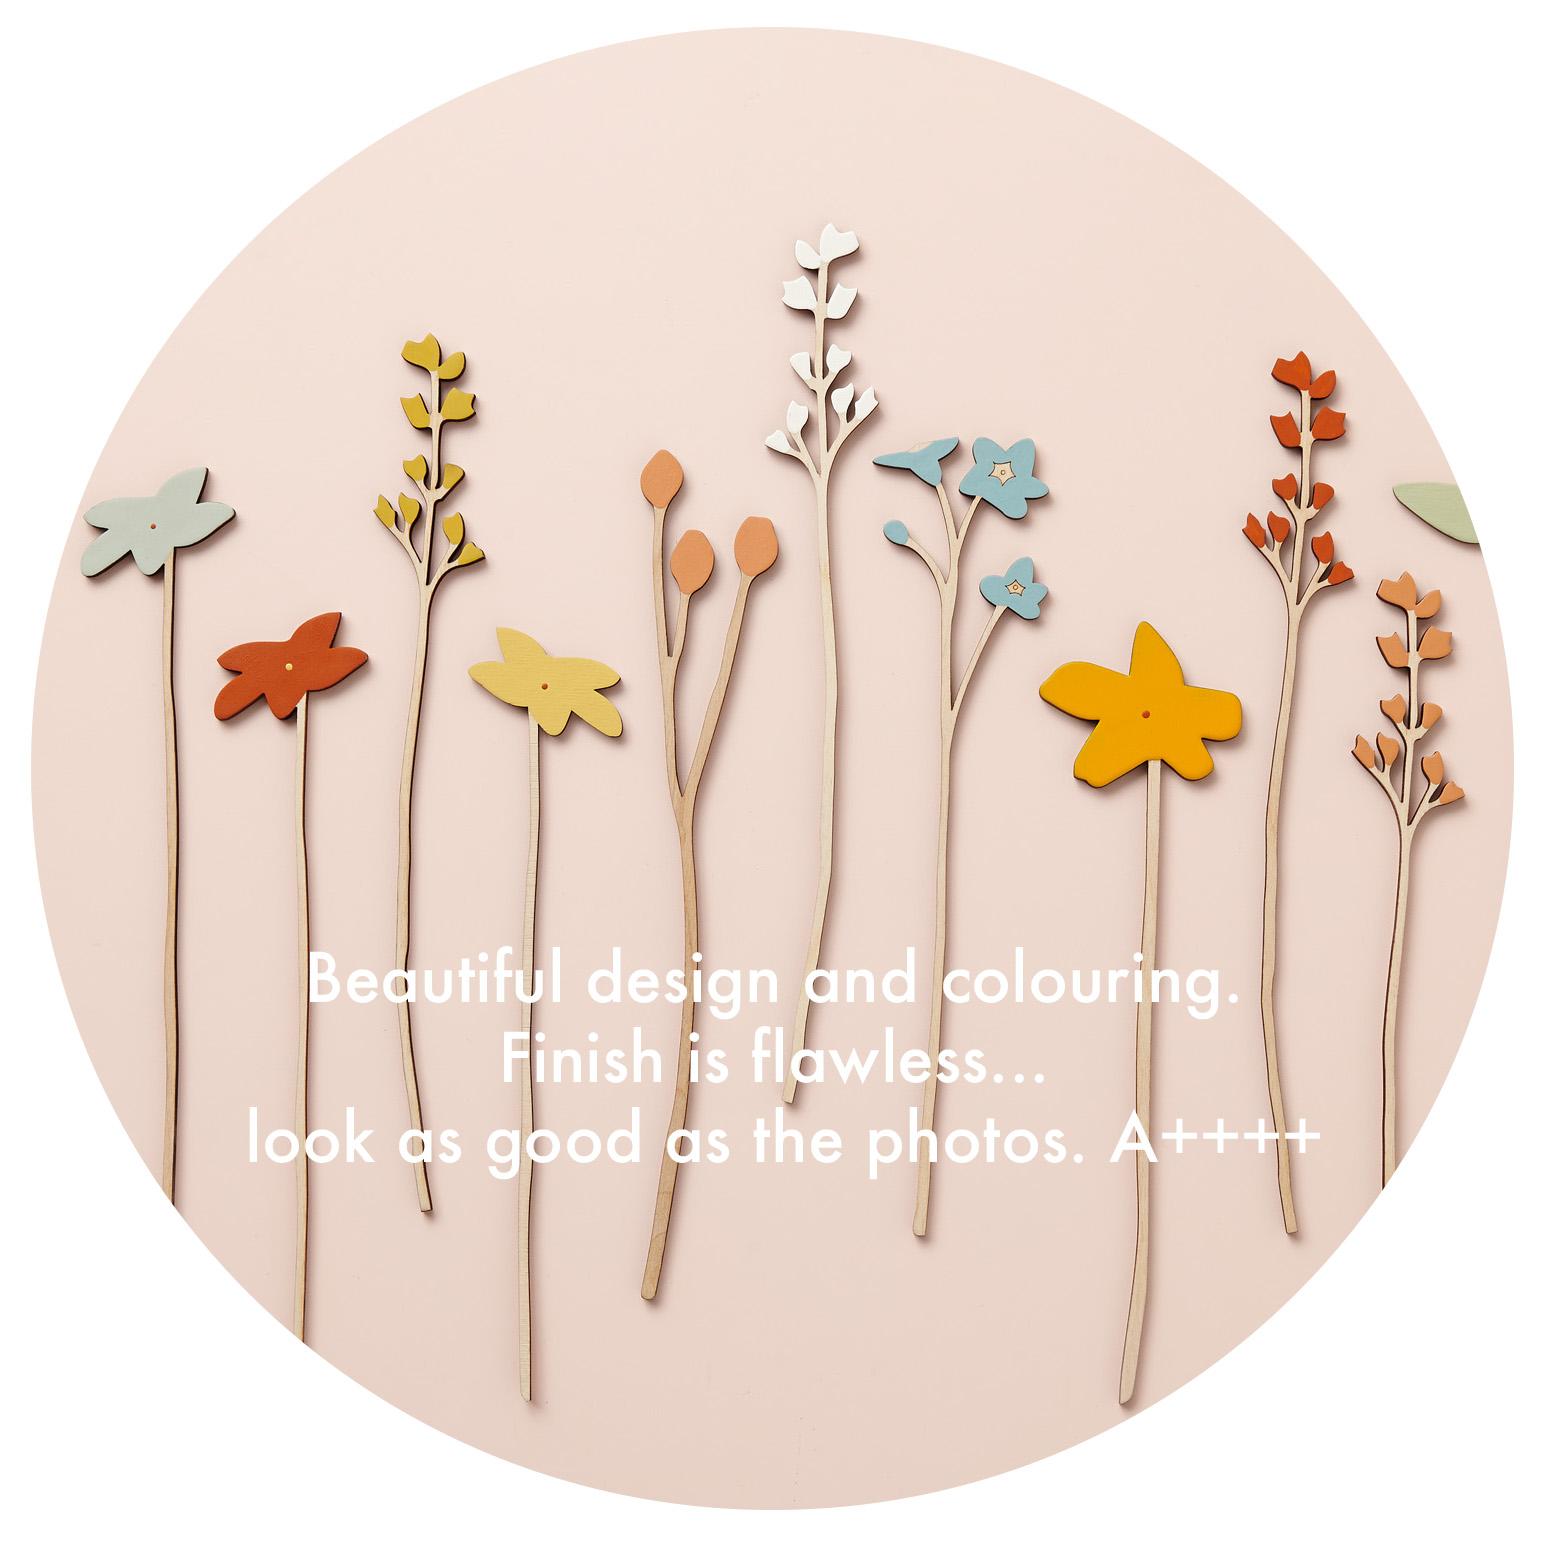 Woodenflowers.jpg